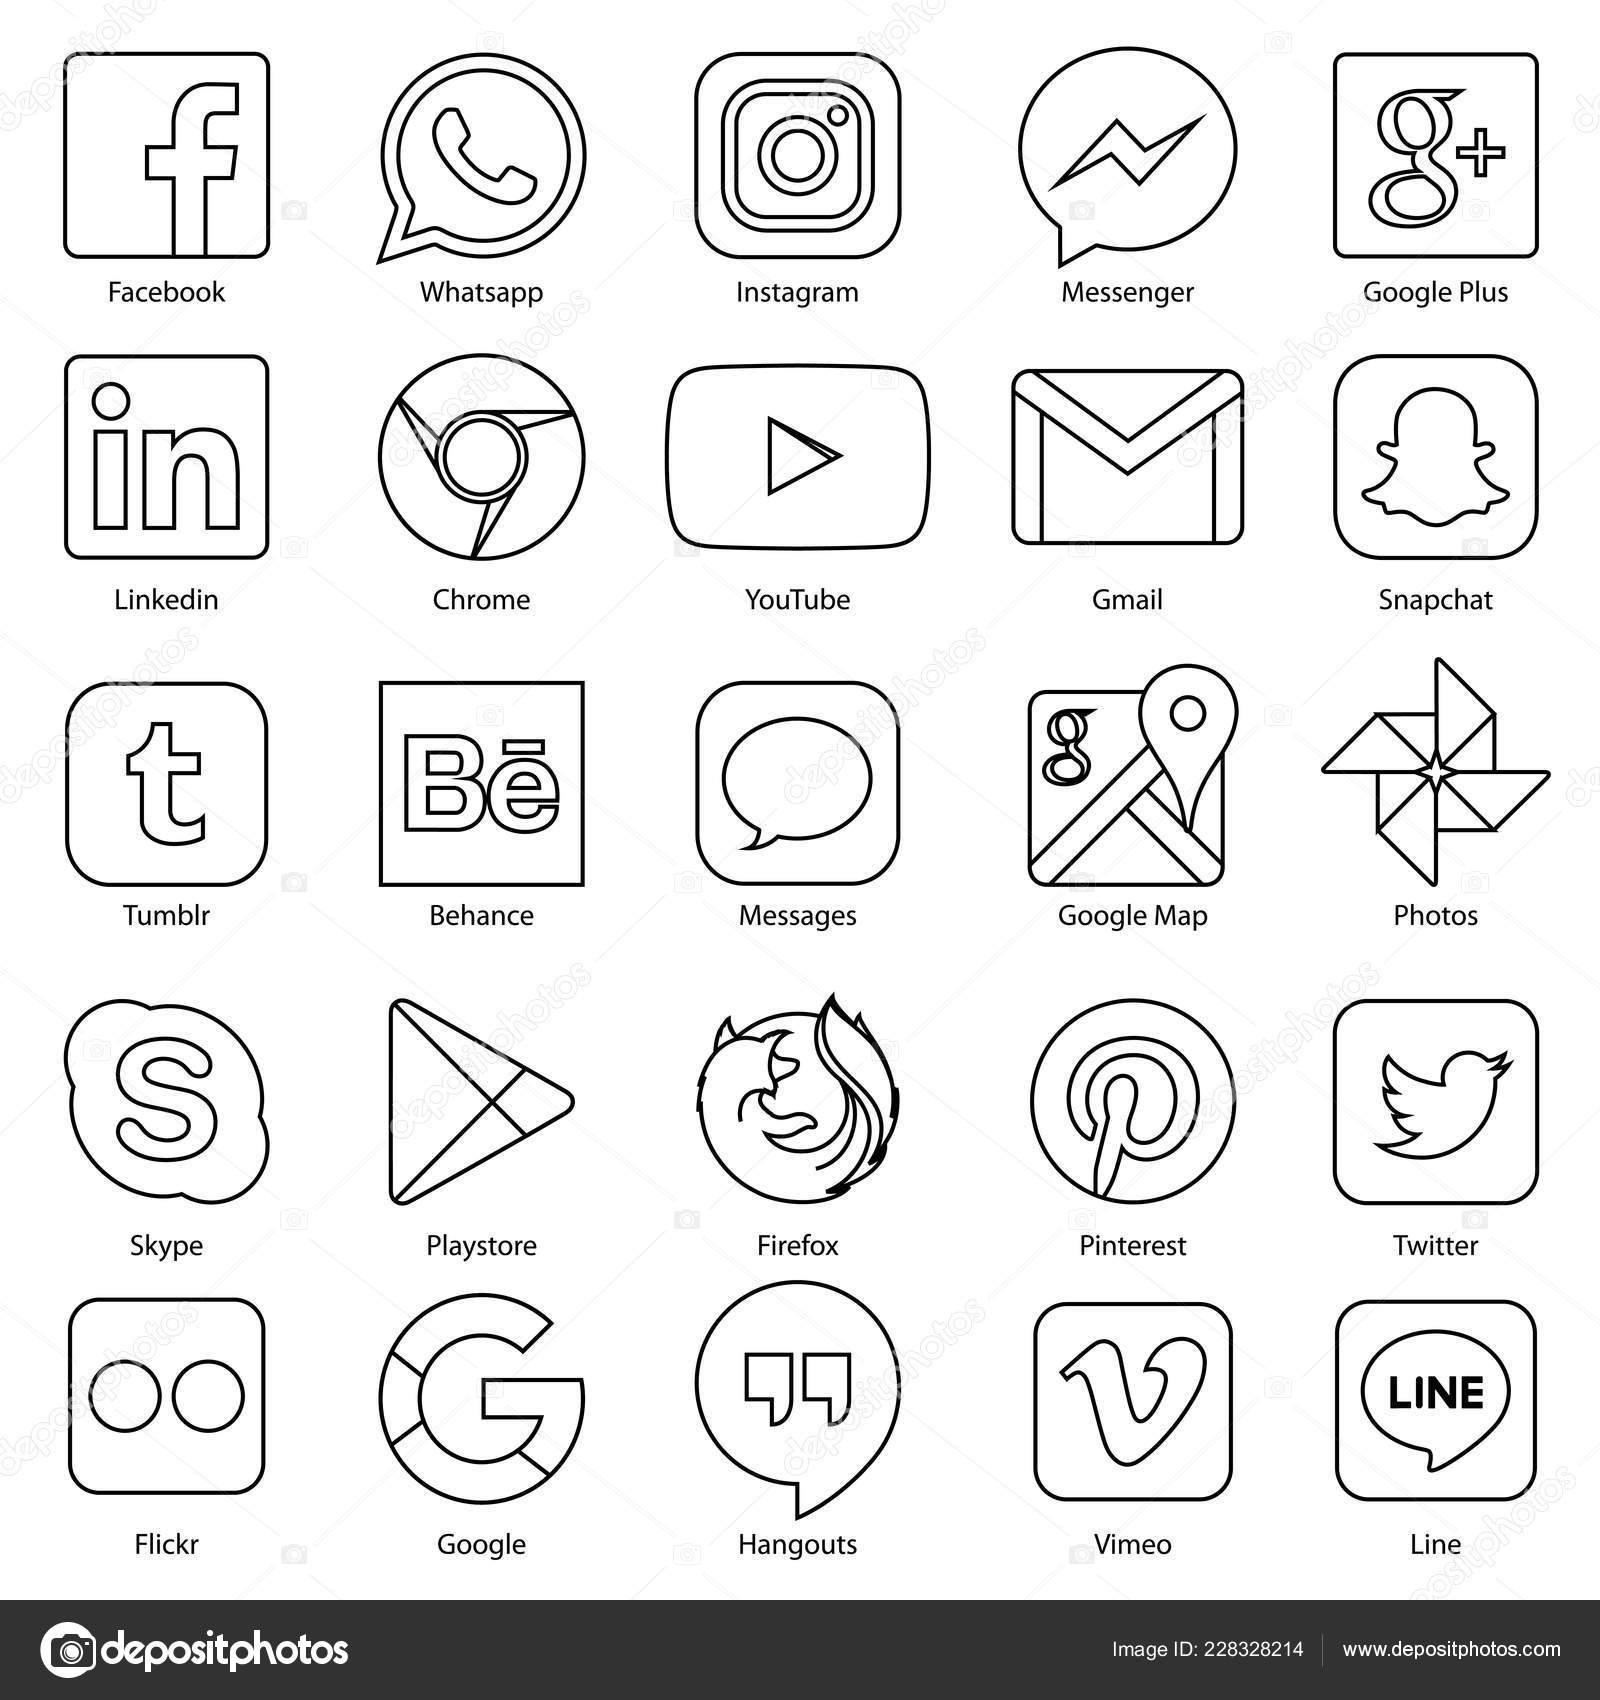 Social media icon for Facebook, Whatsapp, Skype, Youtube, Instagram